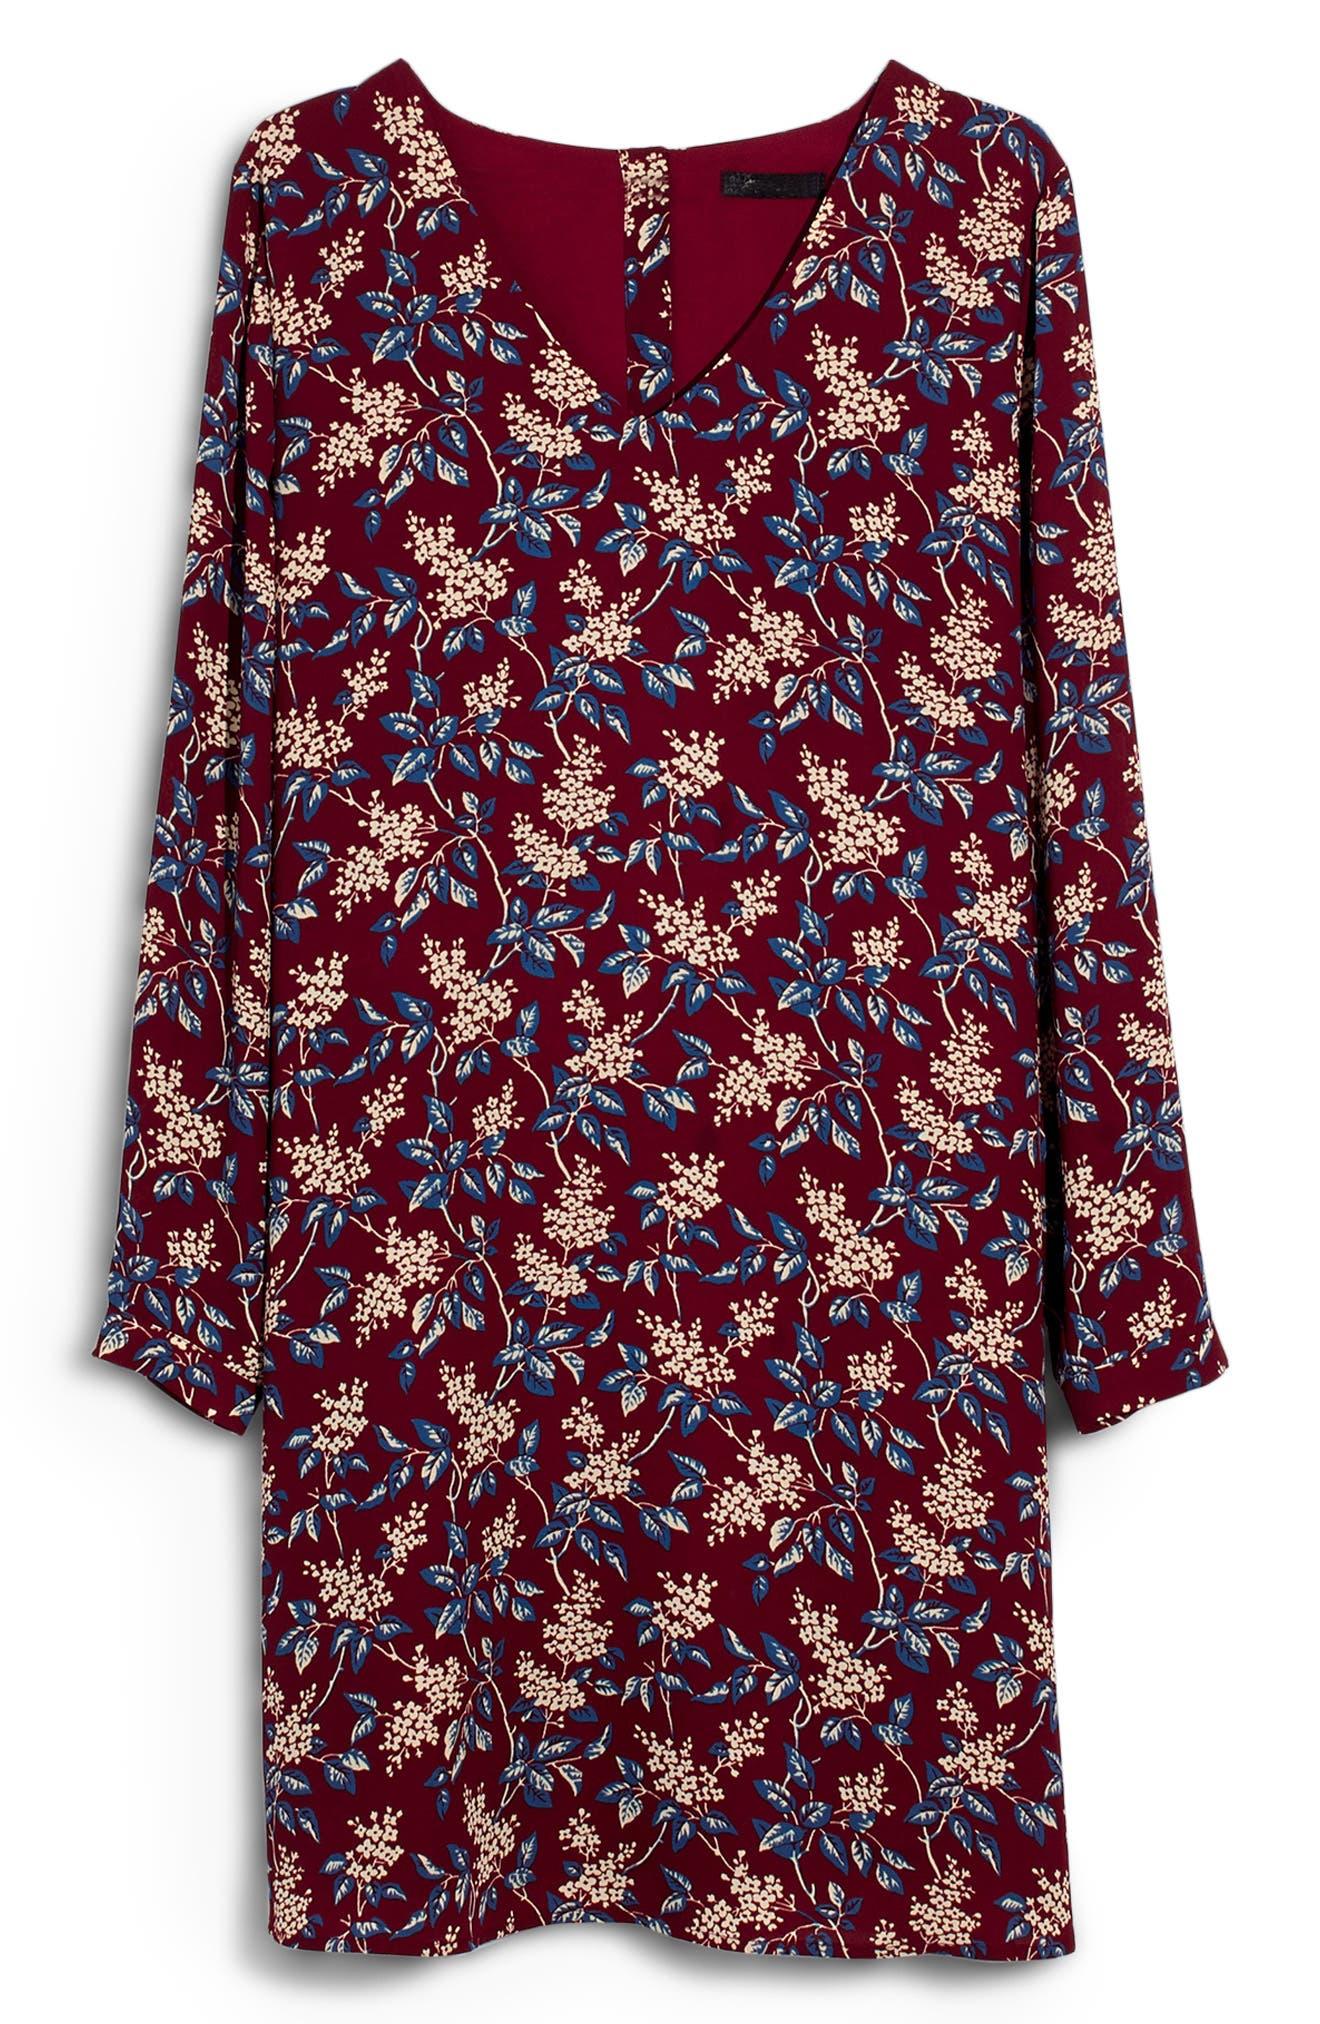 Antique Flora Button Back Dress,                             Alternate thumbnail 6, color,                             DUSTY BURGUNDY